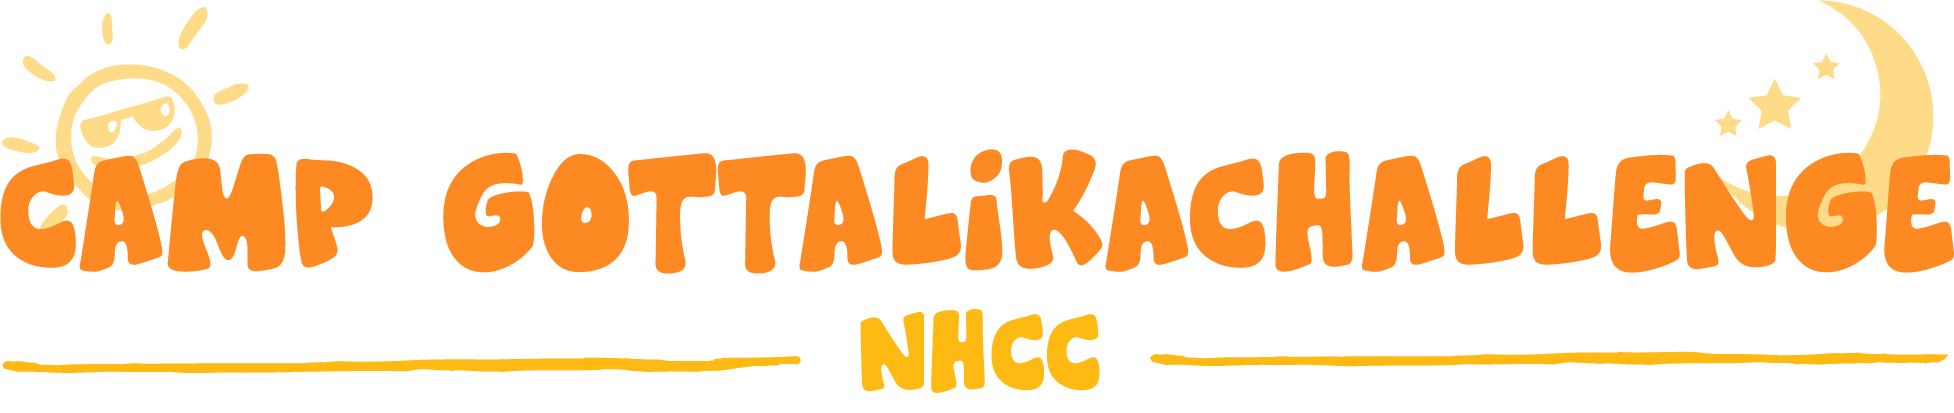 Camp Gottalikachallenge header